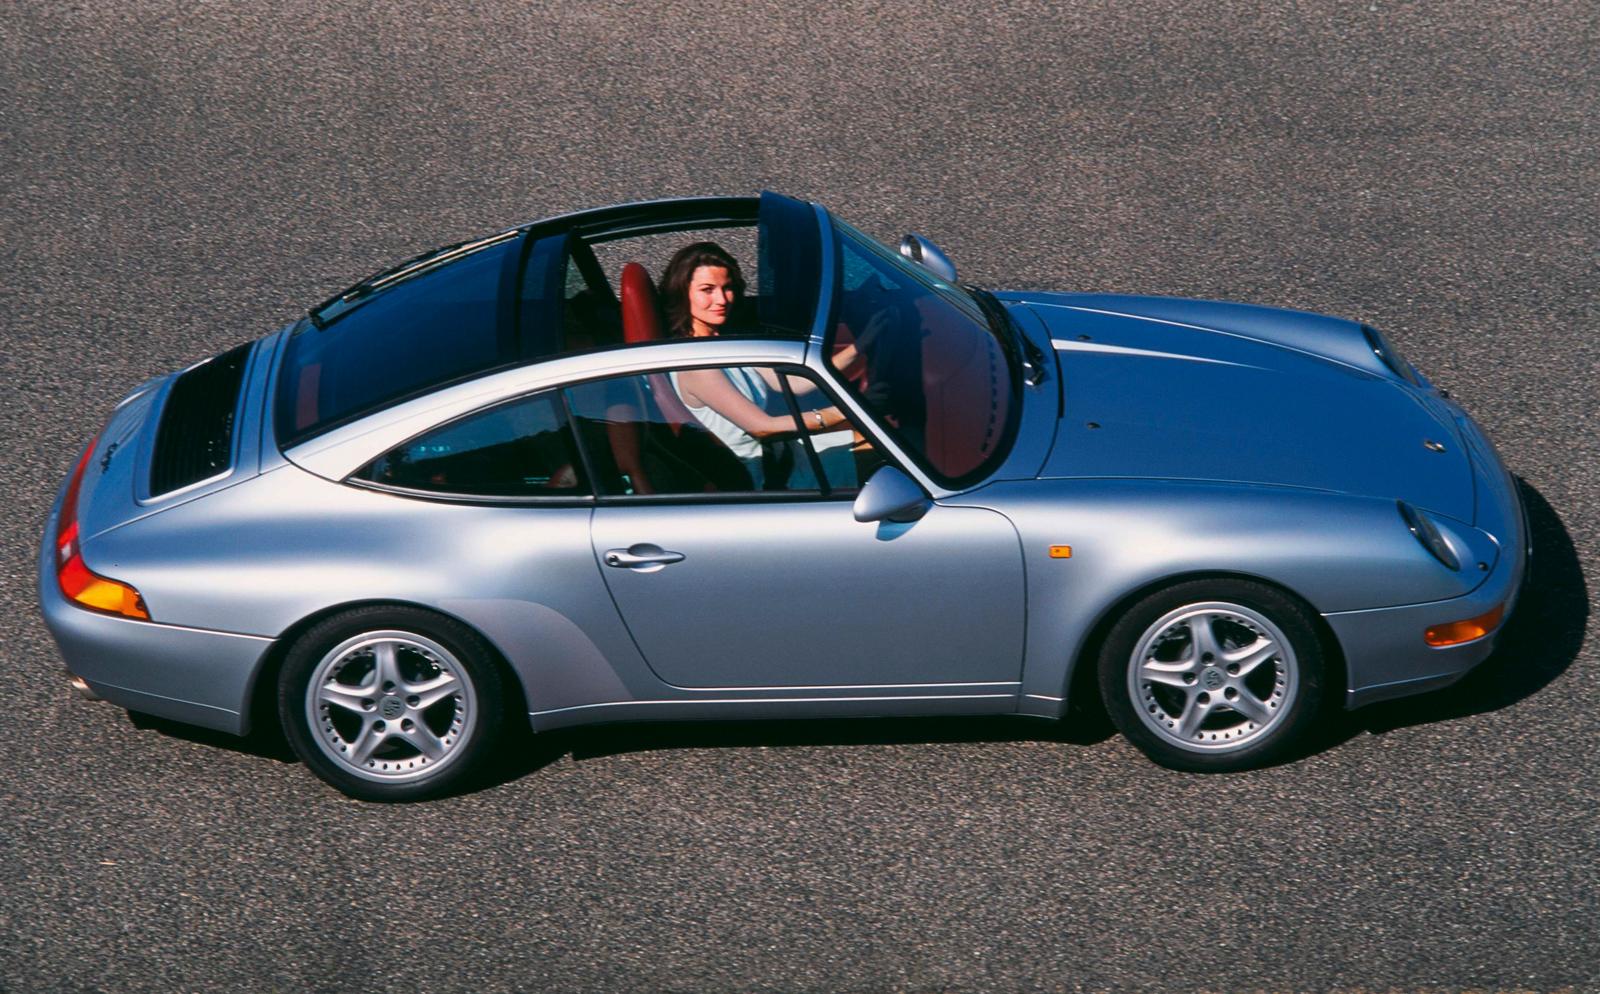 Porsche 911 IV (993) 1993 - 1998 Targa #4